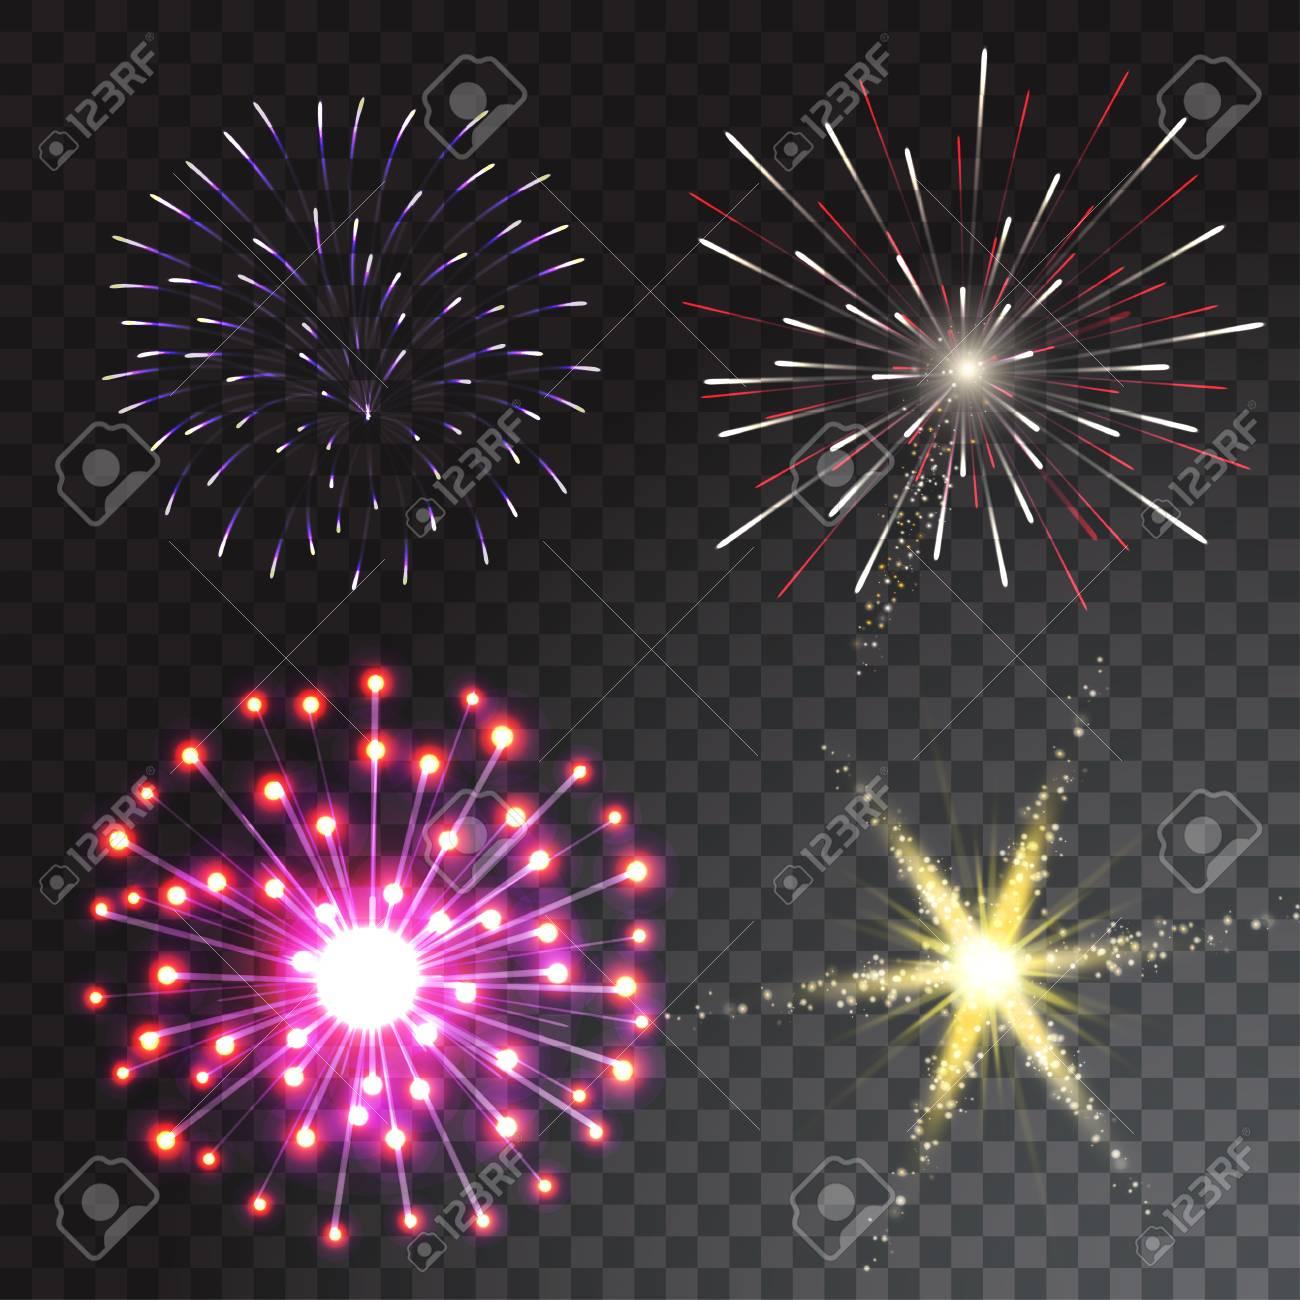 Ilustracion De Vector De Fuegos Artificiales De Colores Sobre Fondo